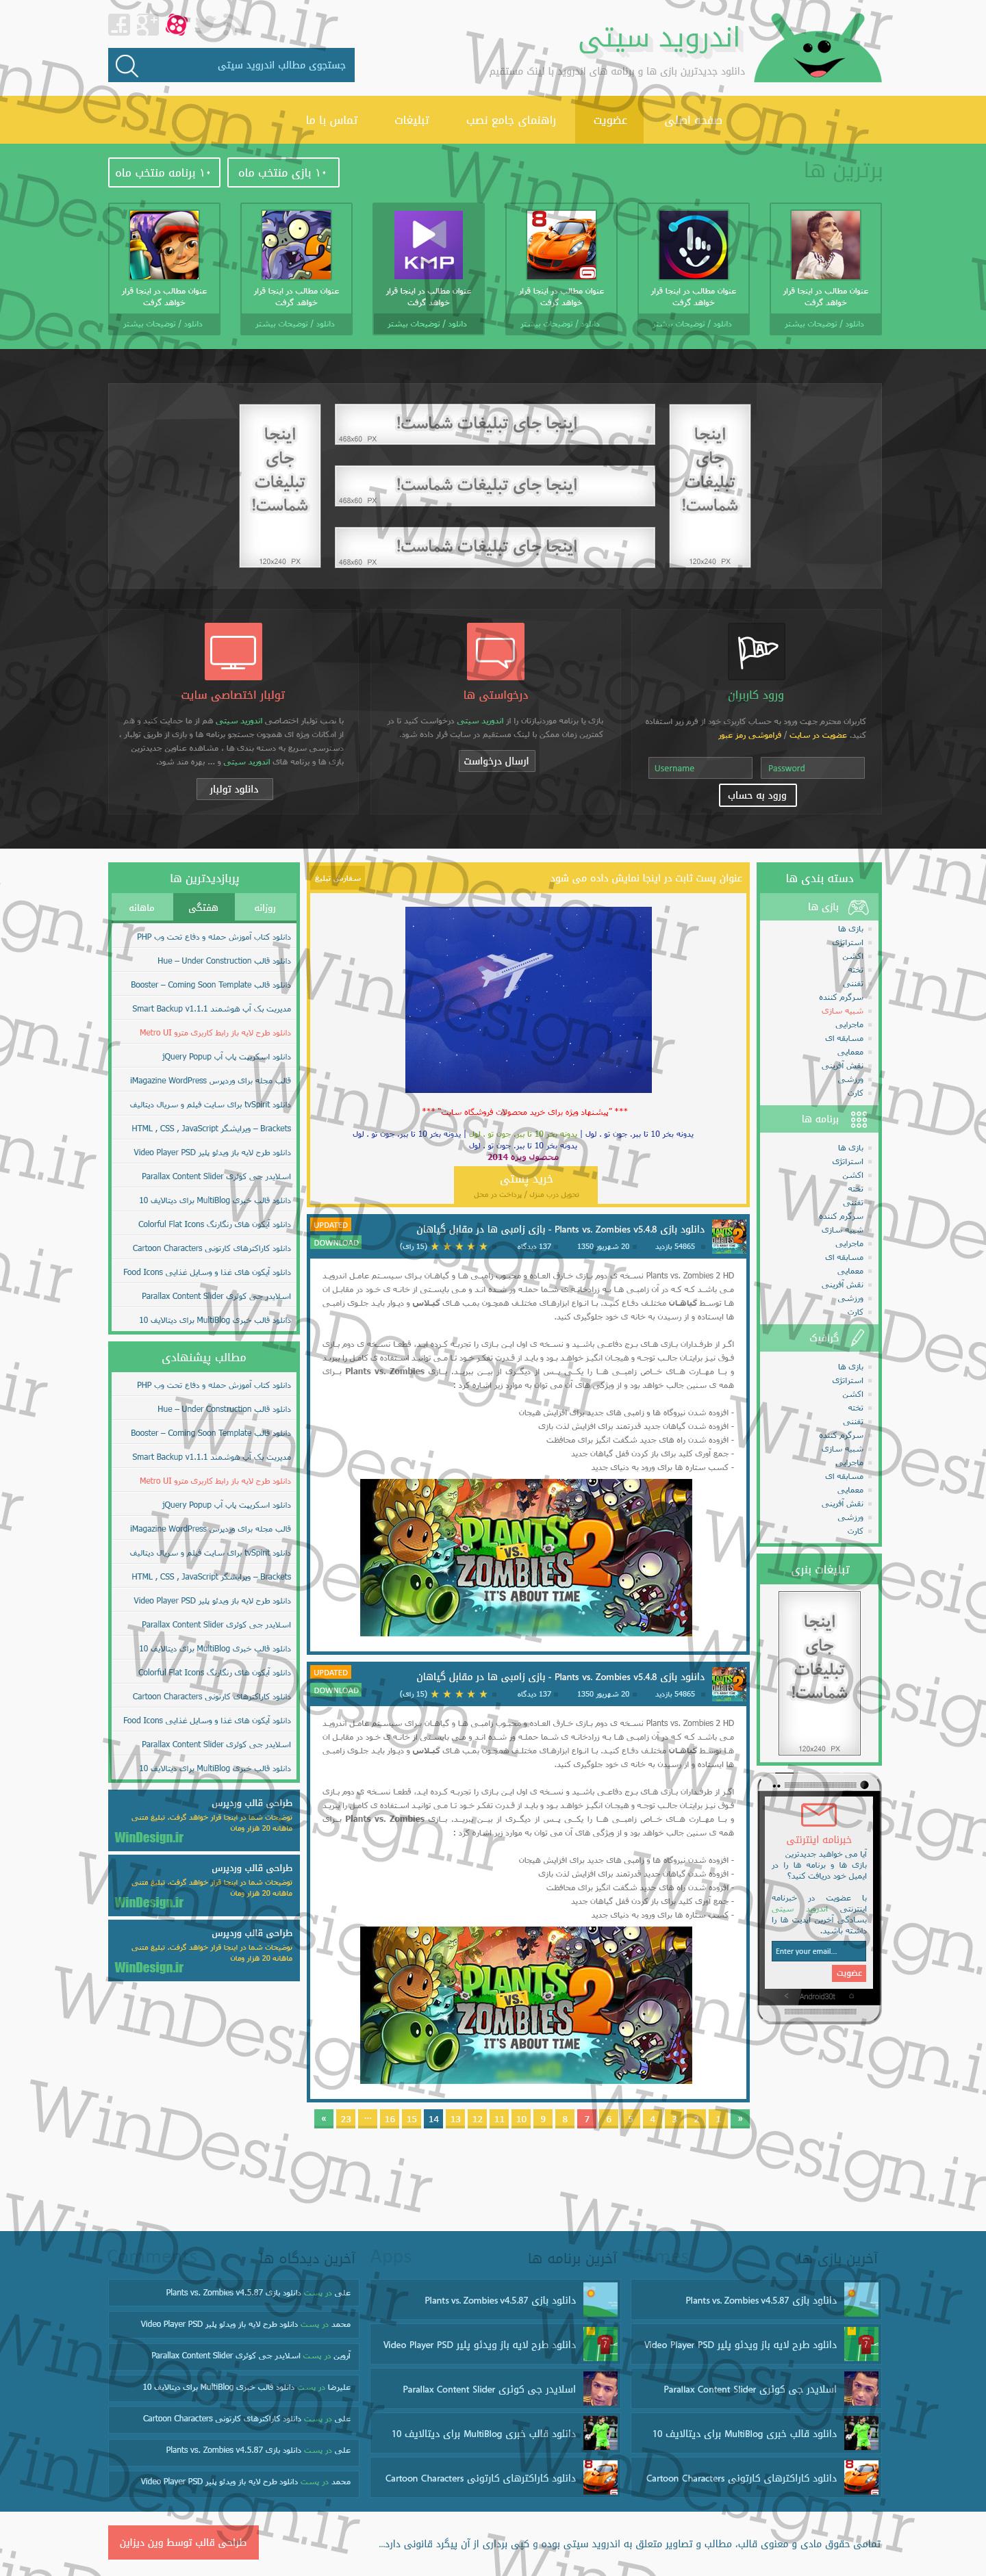 طراحی قالب سایت: اندروید سیتی   دانلود بازی اندروید   نرم افزار ...پیش نمایش قالب اندروید سیتی   دانلود بازی اندروید   نرم افزار اندروید ...